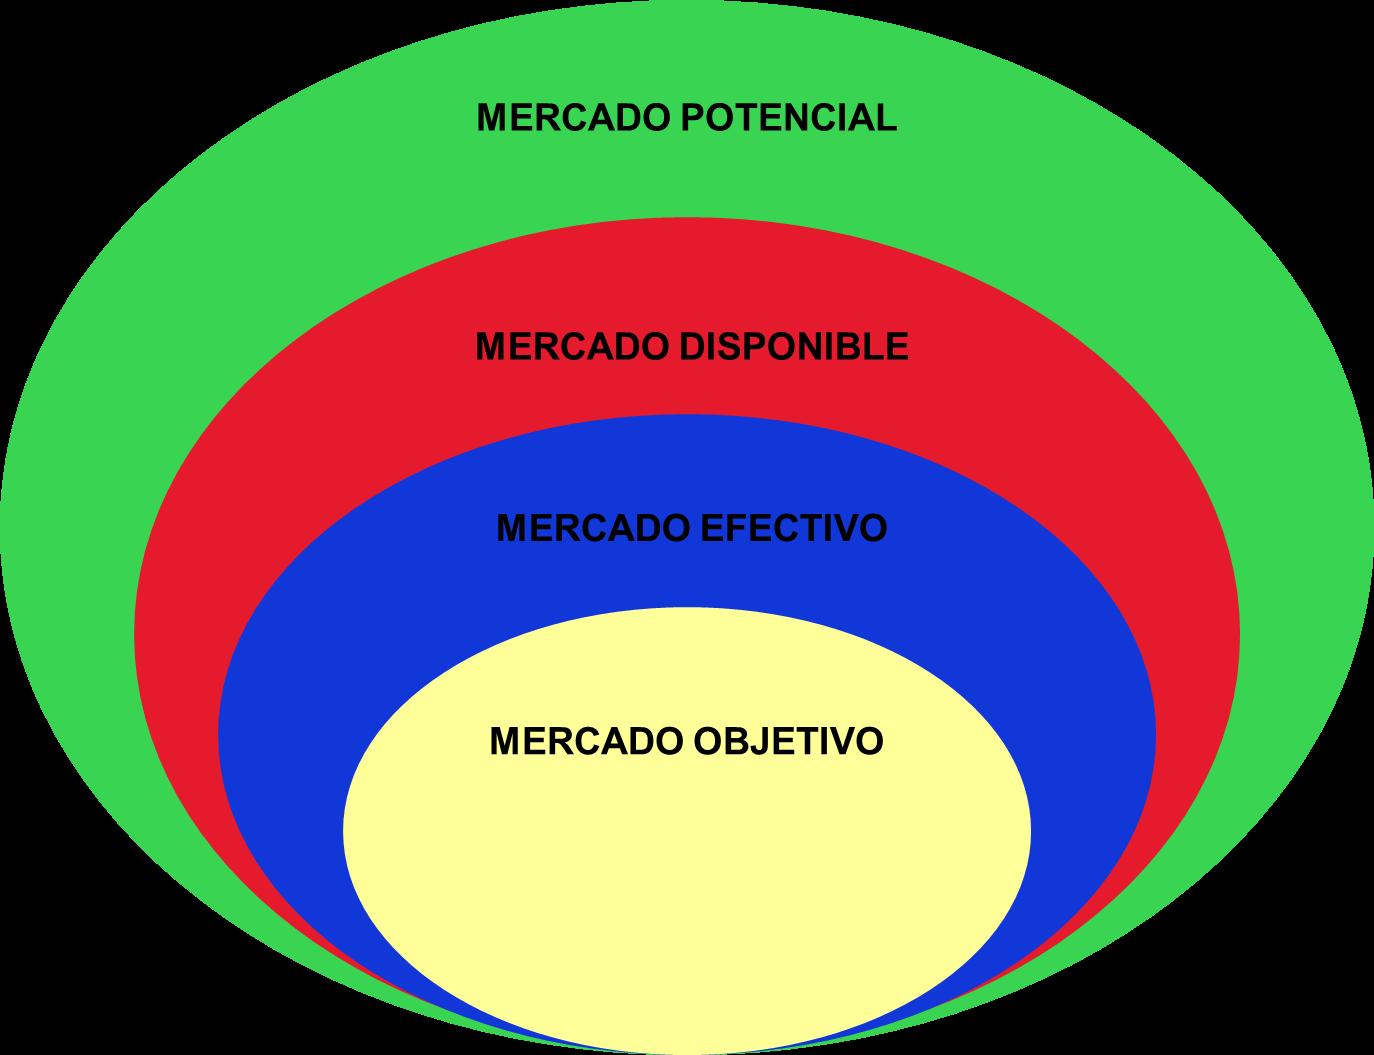 Ejemplo de mercado potencial disponible efectivo y meta for Que es mercado exterior